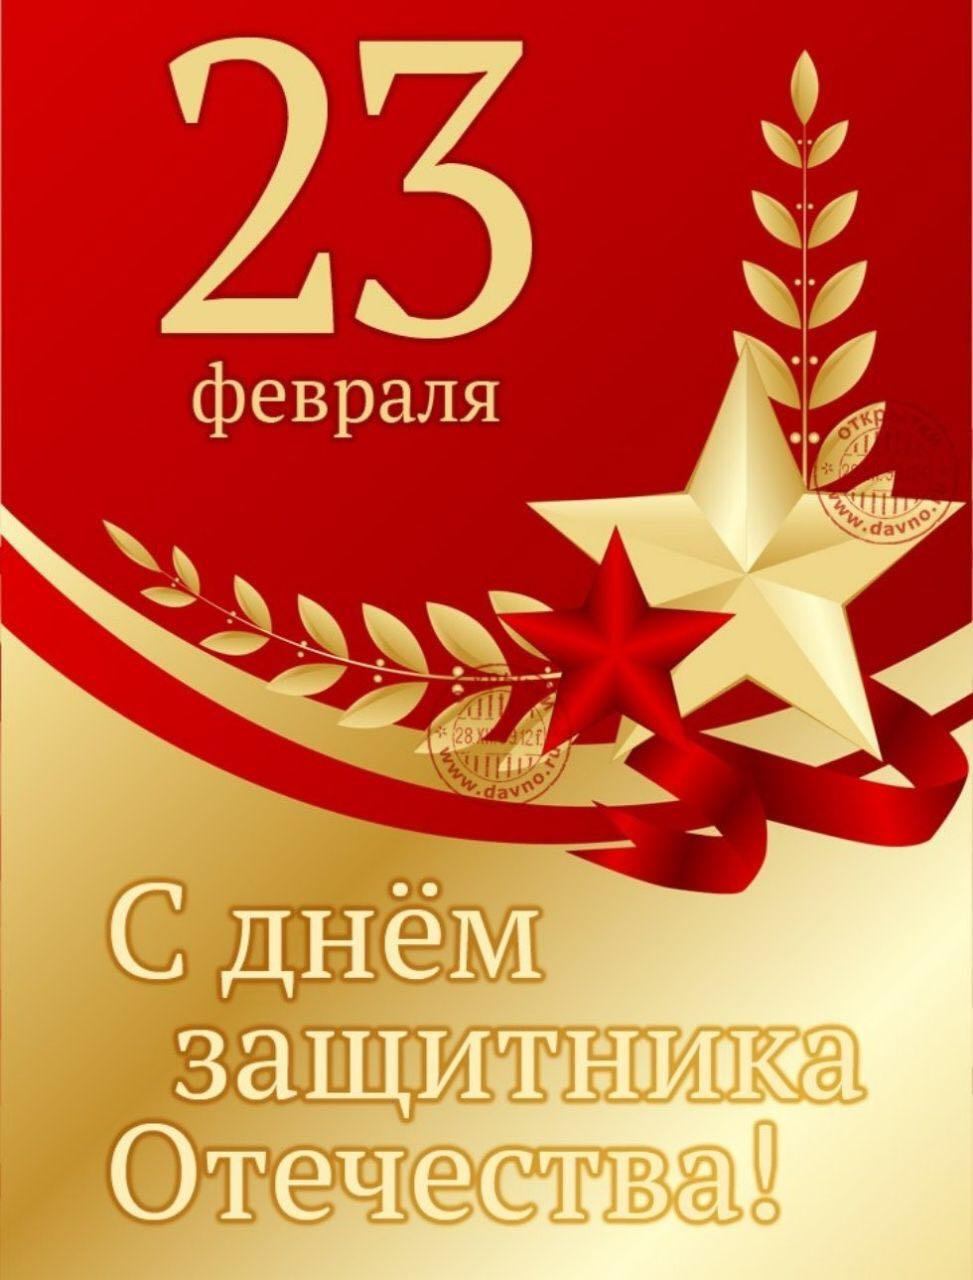 Картинки 23 февраля день защитника, открытках красивые открытки